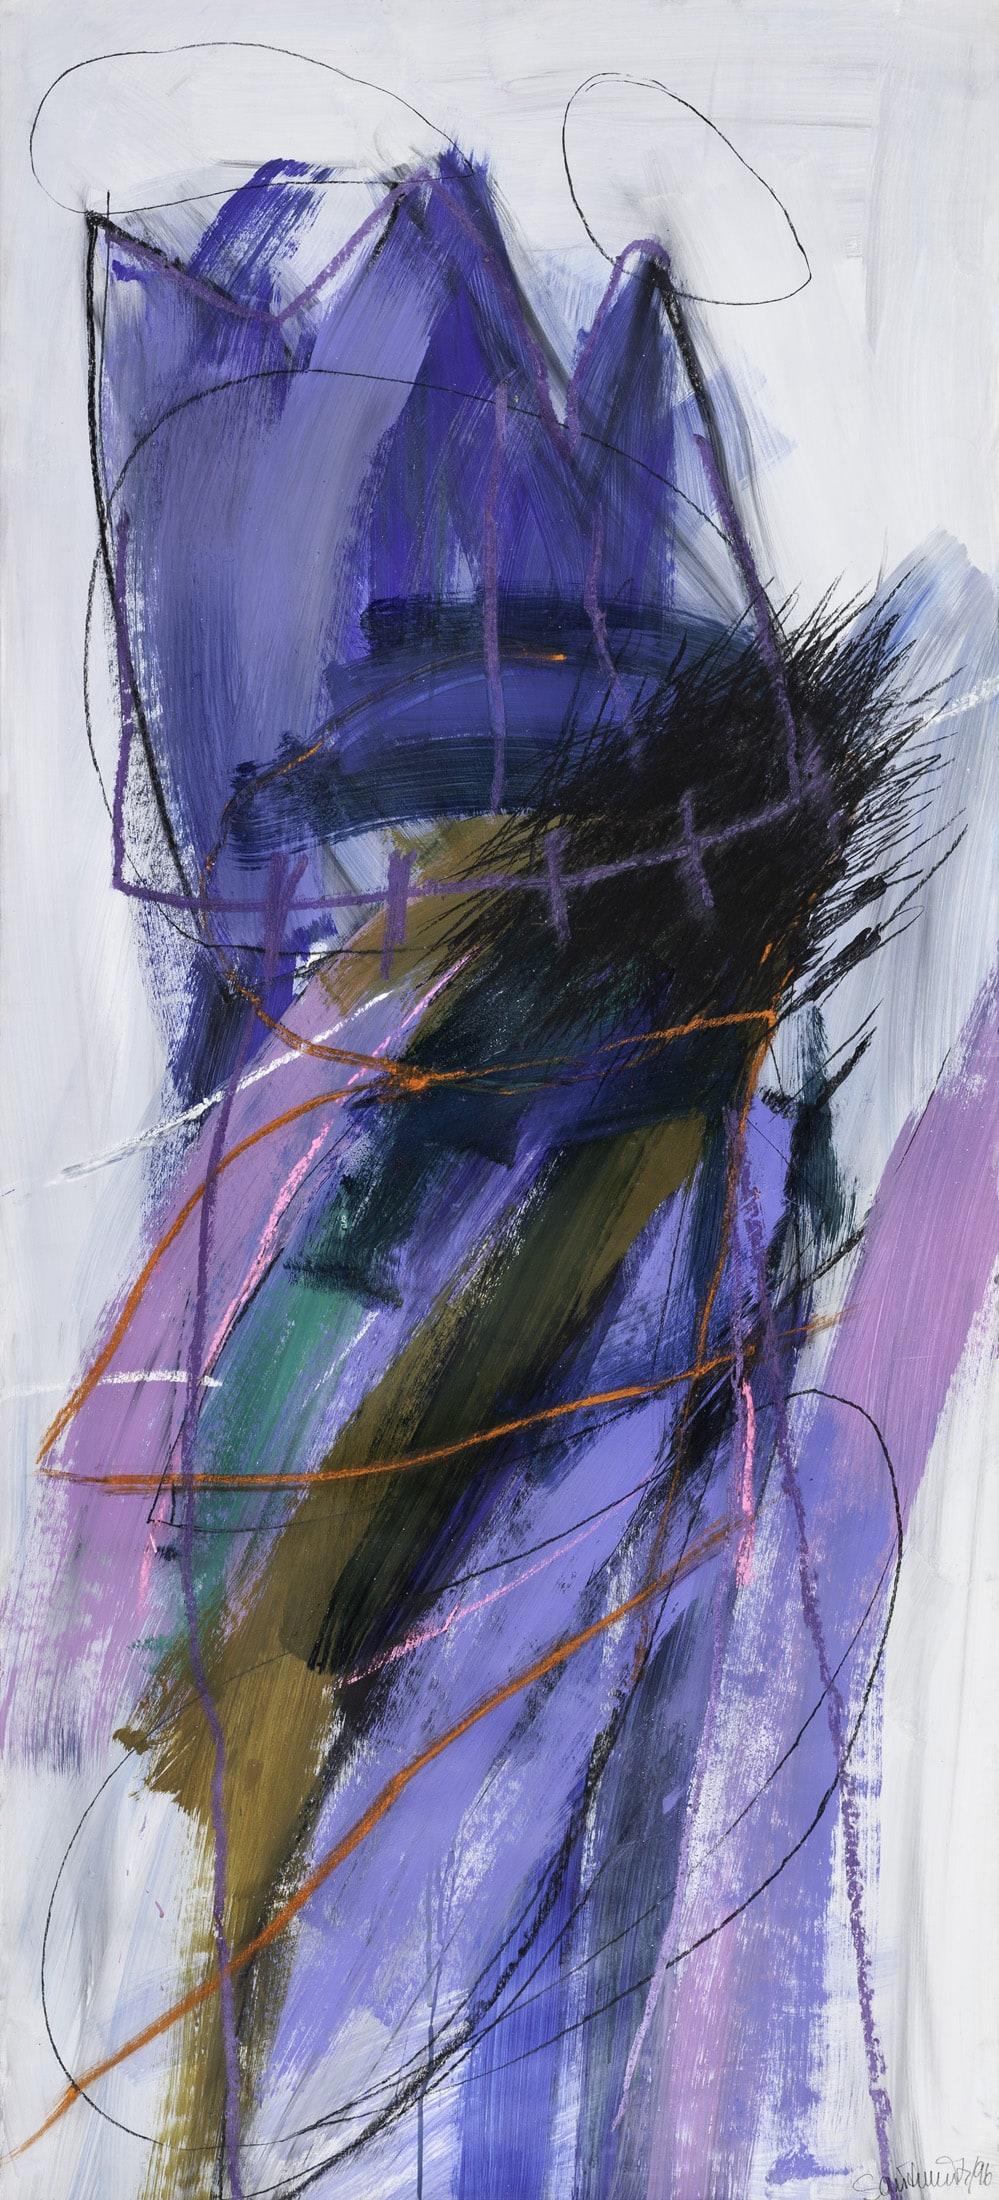 Renate Sautermeister, Fetisch heiter, 1996, Acryl und Kreide auf Karton, 165 x 75 cm